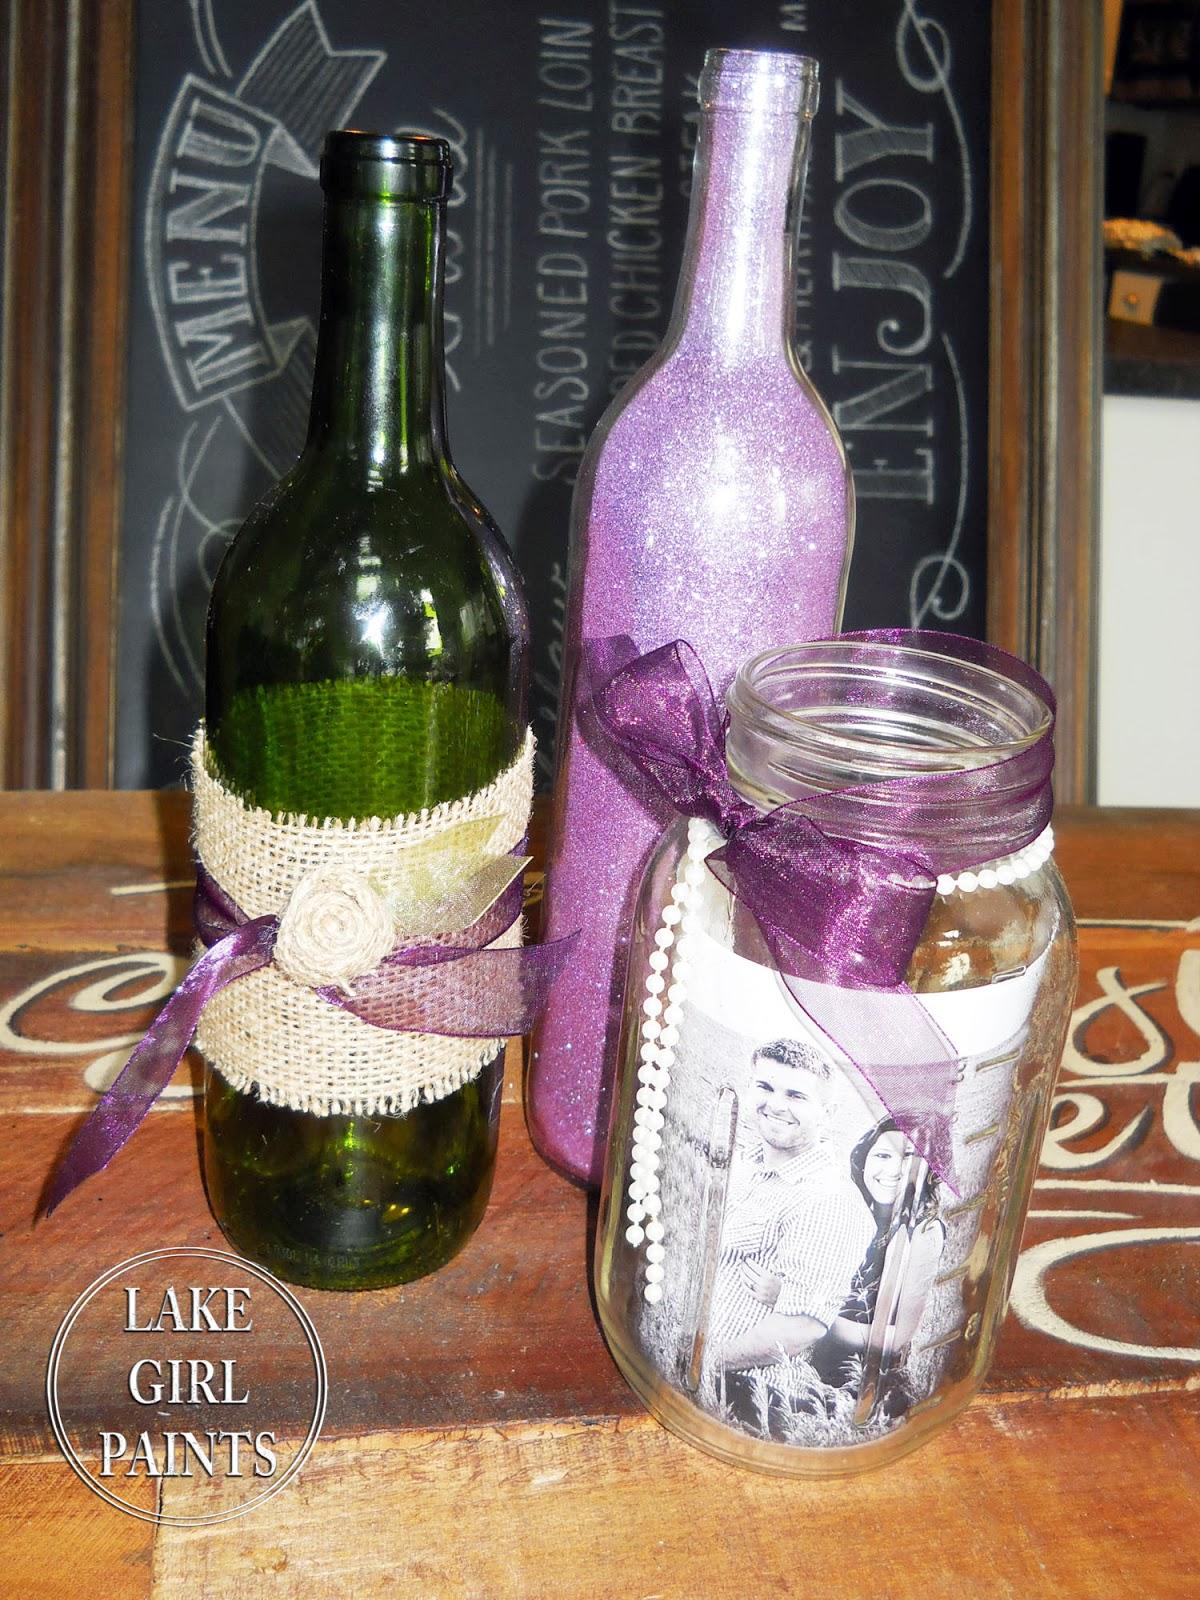 Lake Girl Paints Mason Jars And Wine Bottles Burlap And